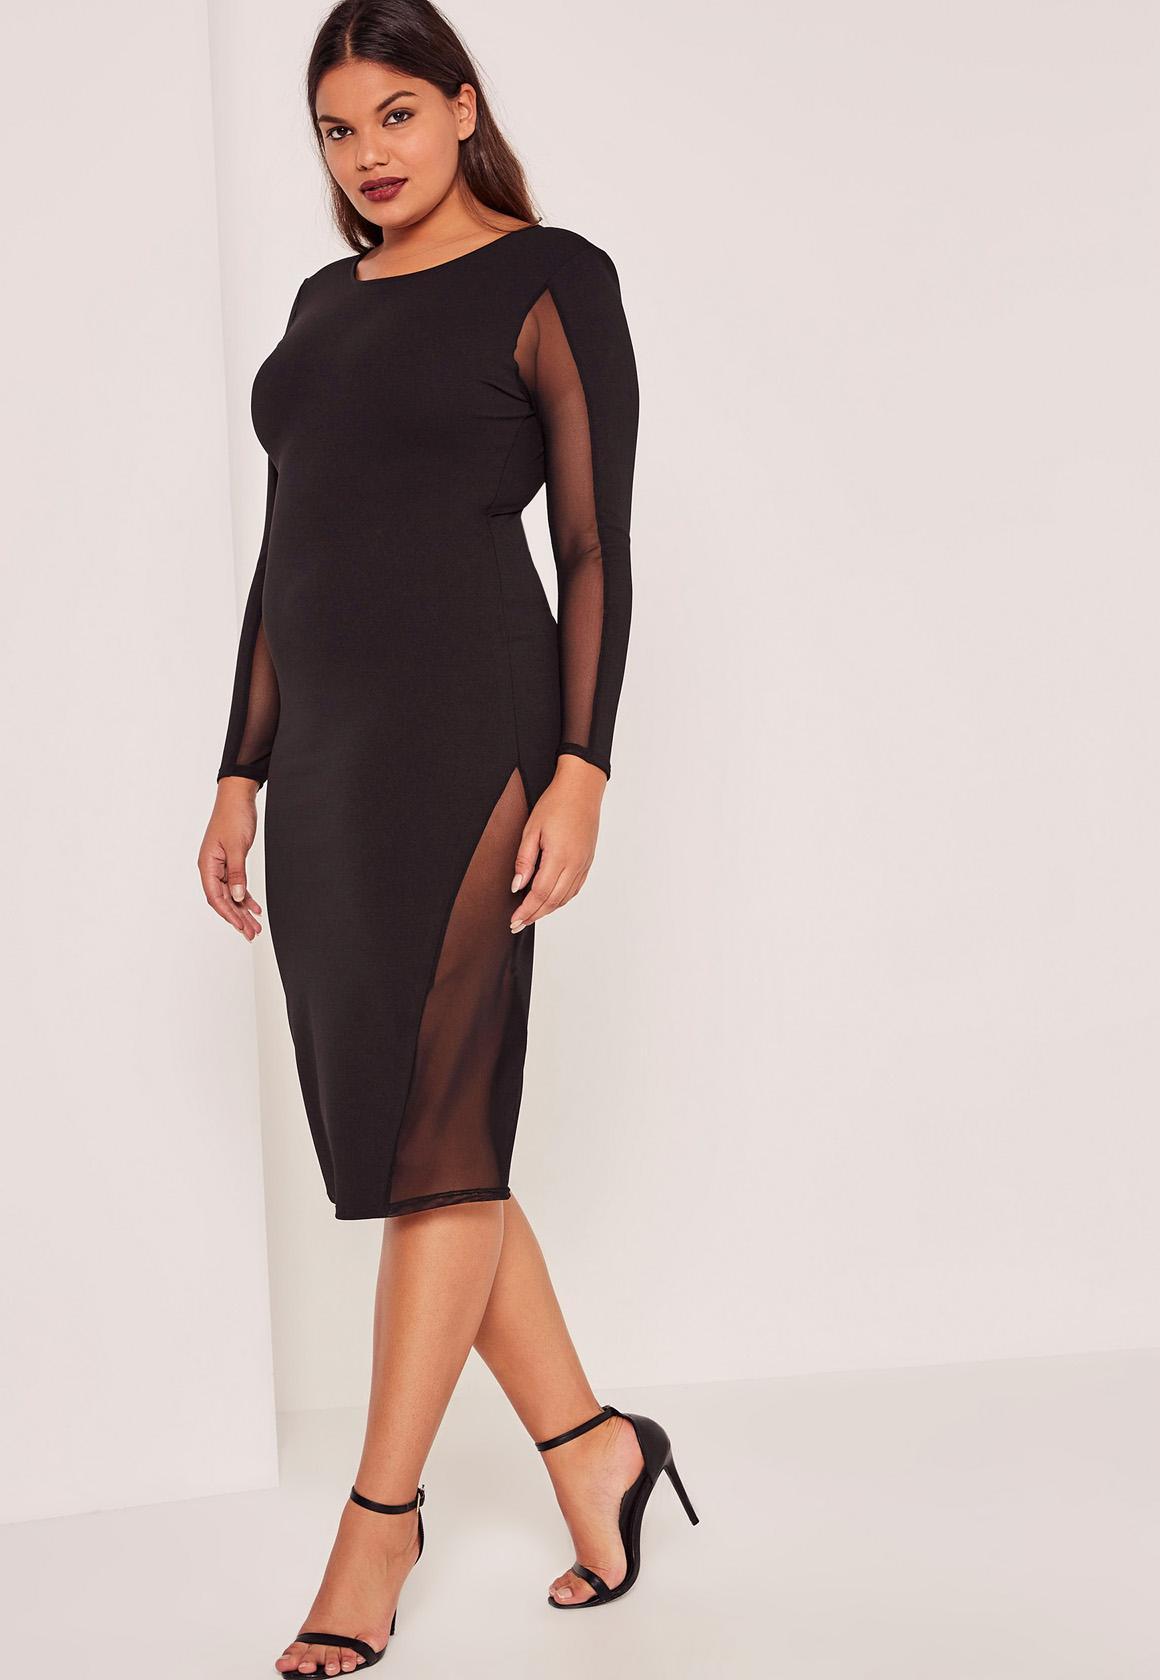 Plus Size Black Mesh Dress – DACC